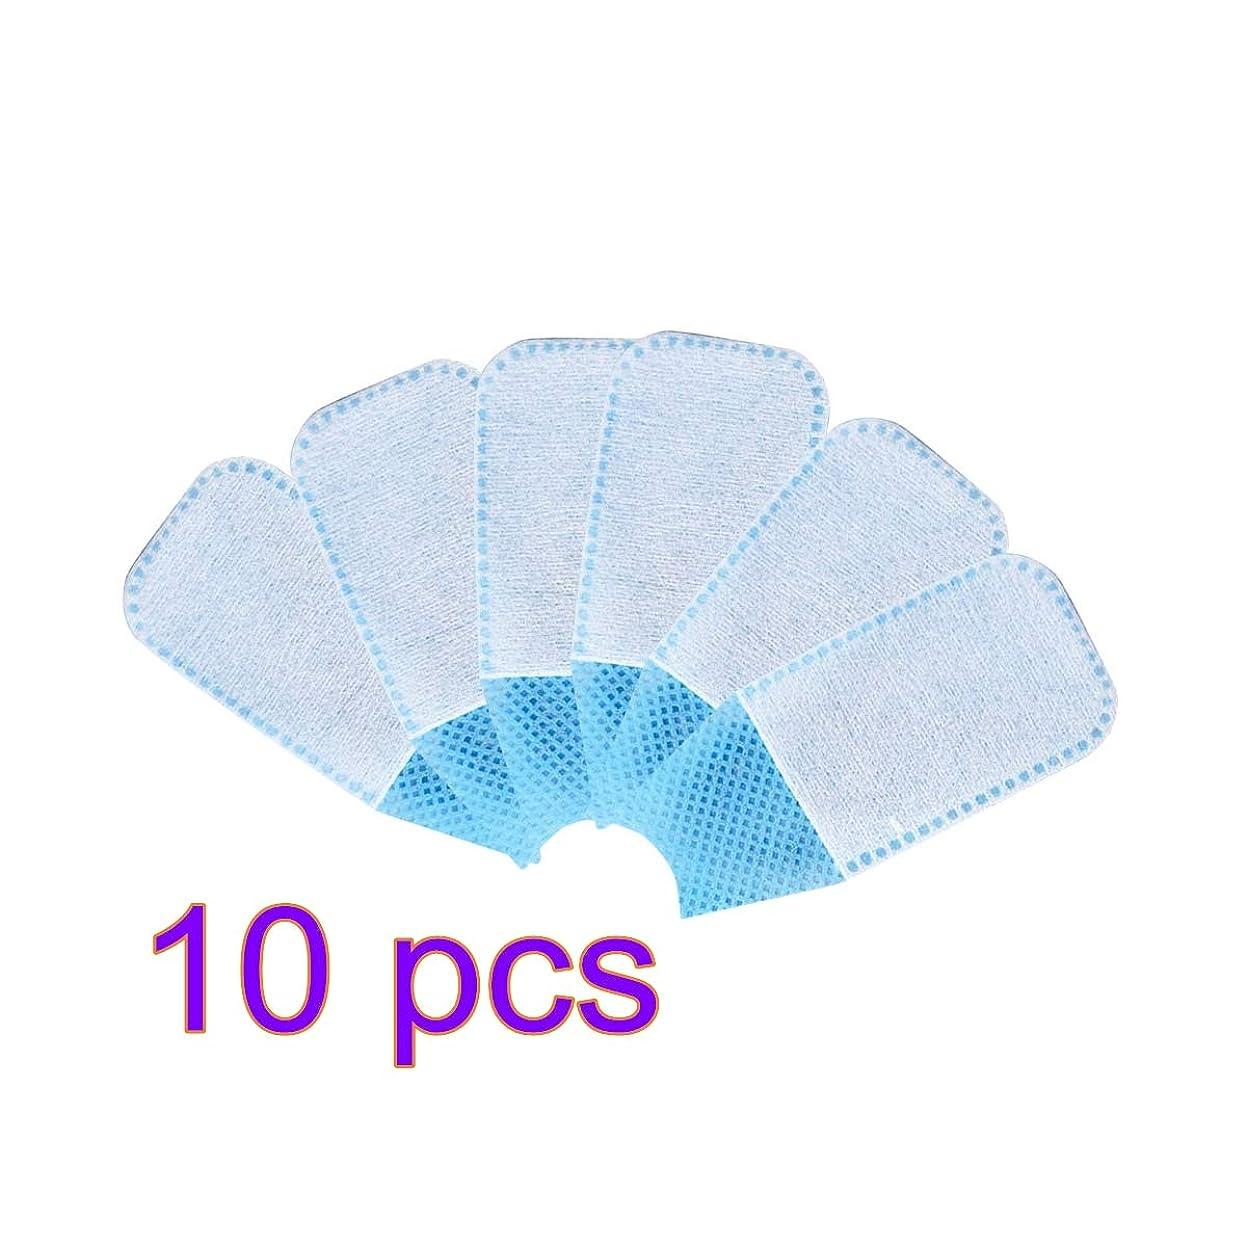 先のことを考えるポインタアクセシブルLurrose 使い捨て指の失速歯ブラシソフトガーゼ歯科指ブラシ口腔衛生クリーニングワイプ 100枚入